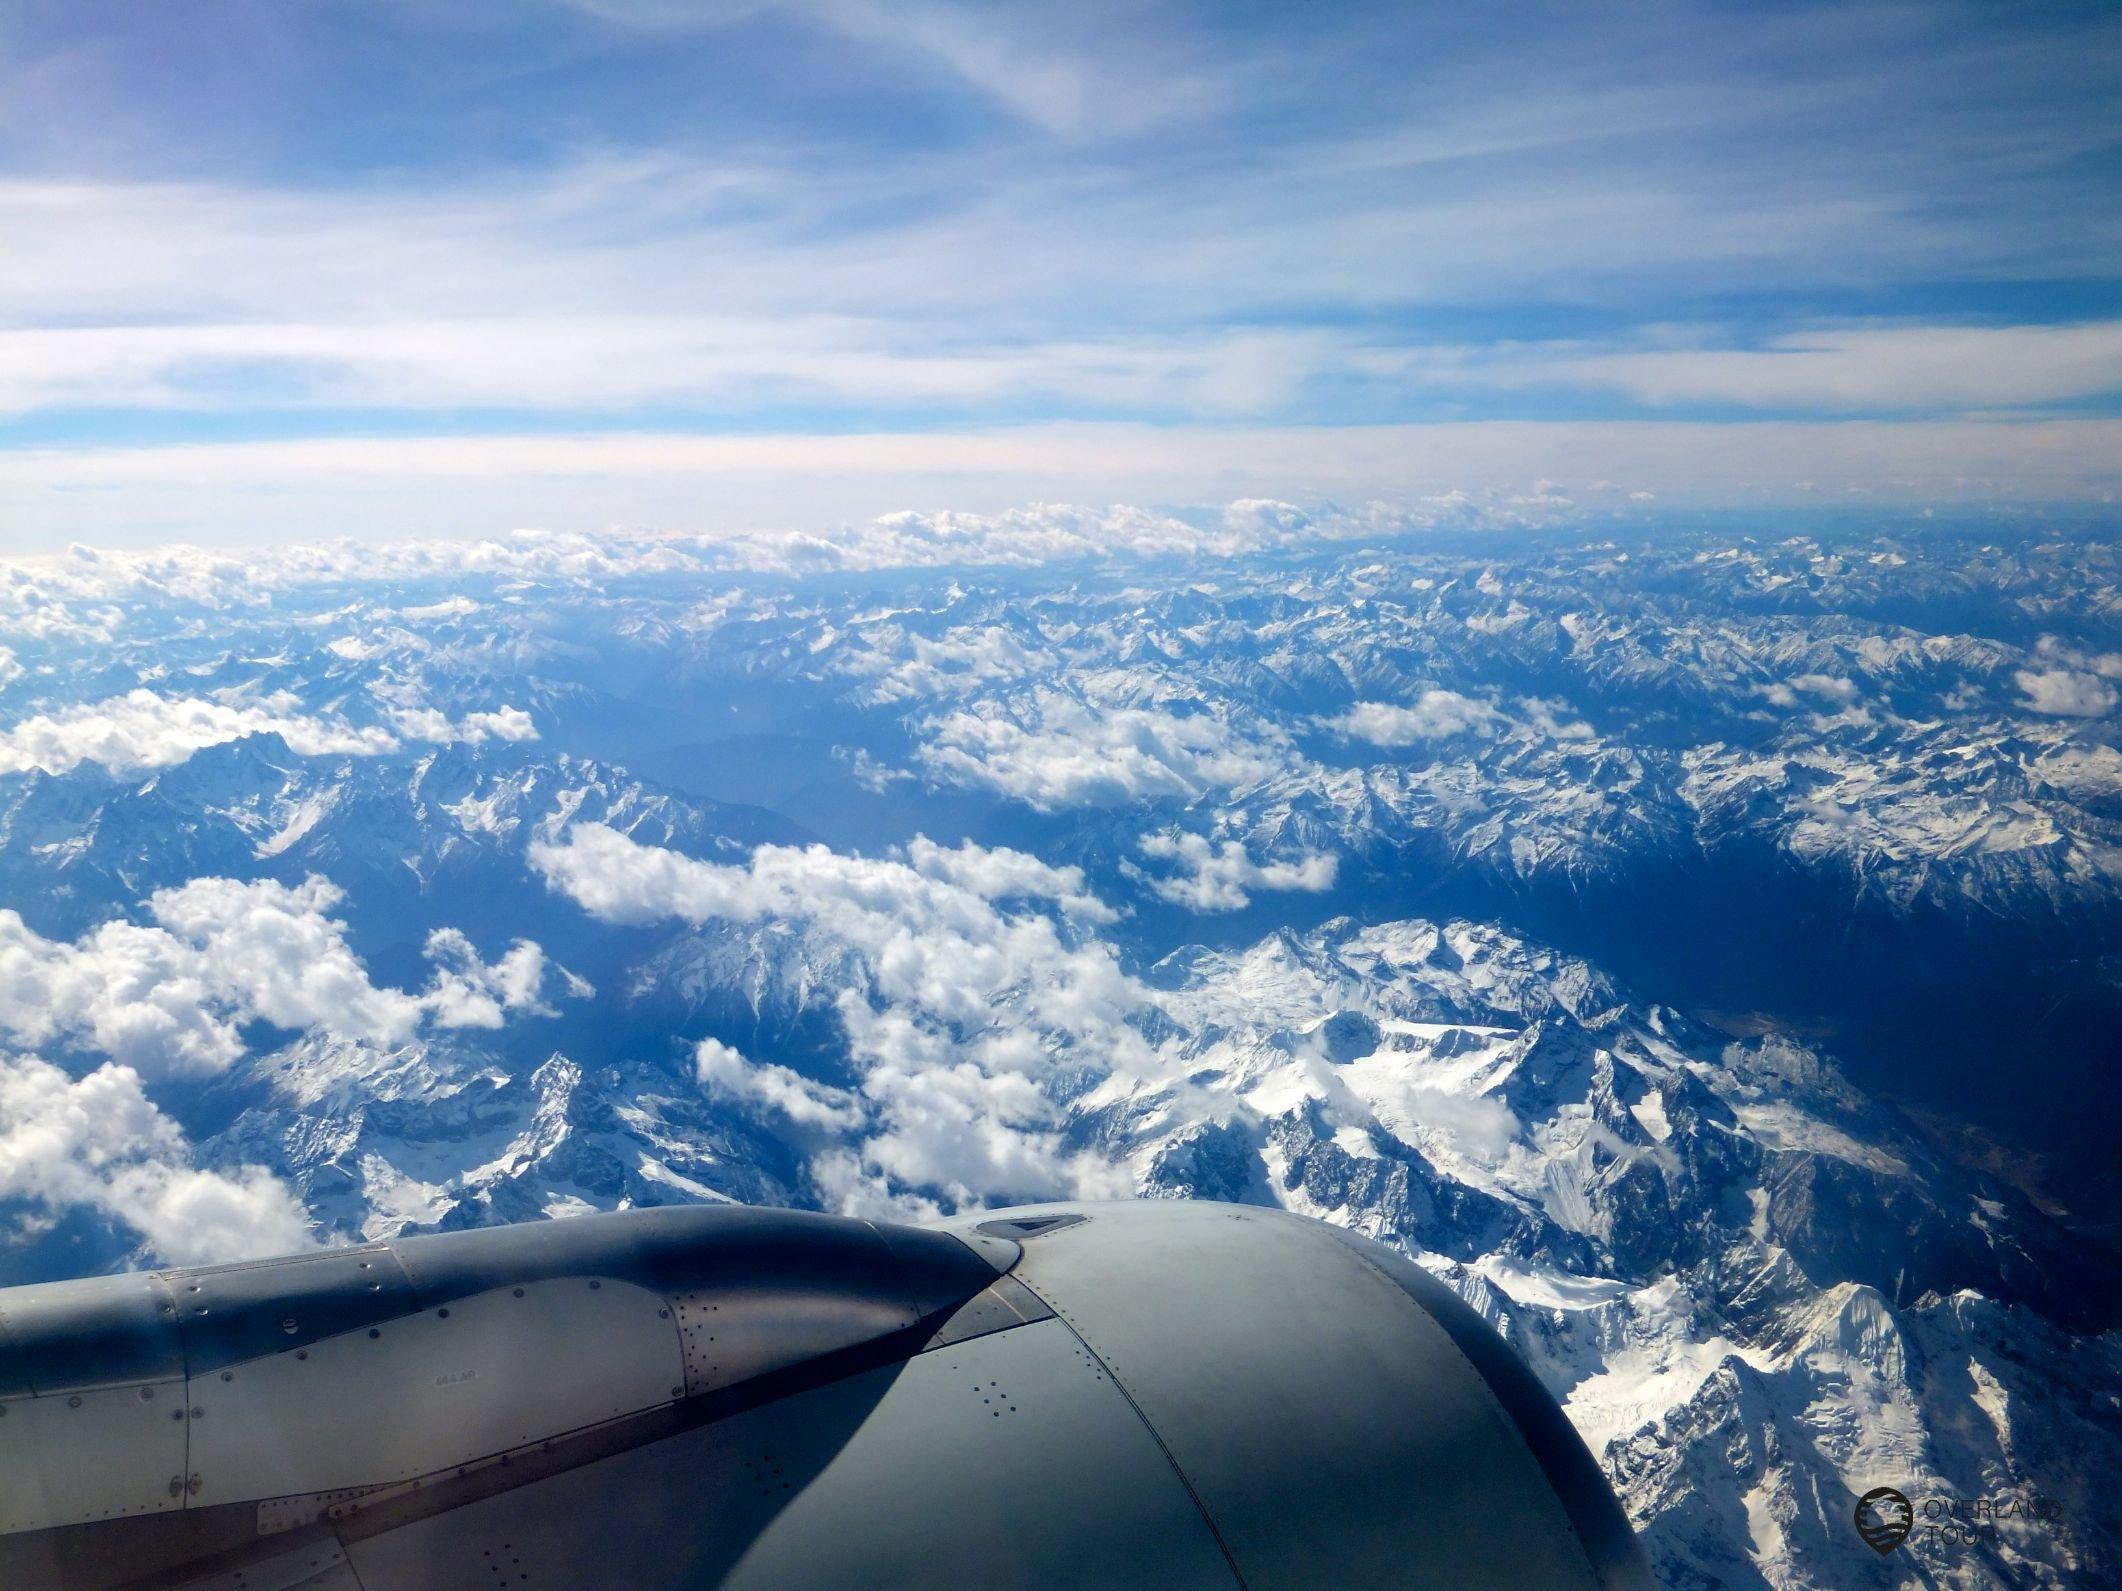 Geniale Aussicht auf dem Flug von Chengdu nach Kathmandu